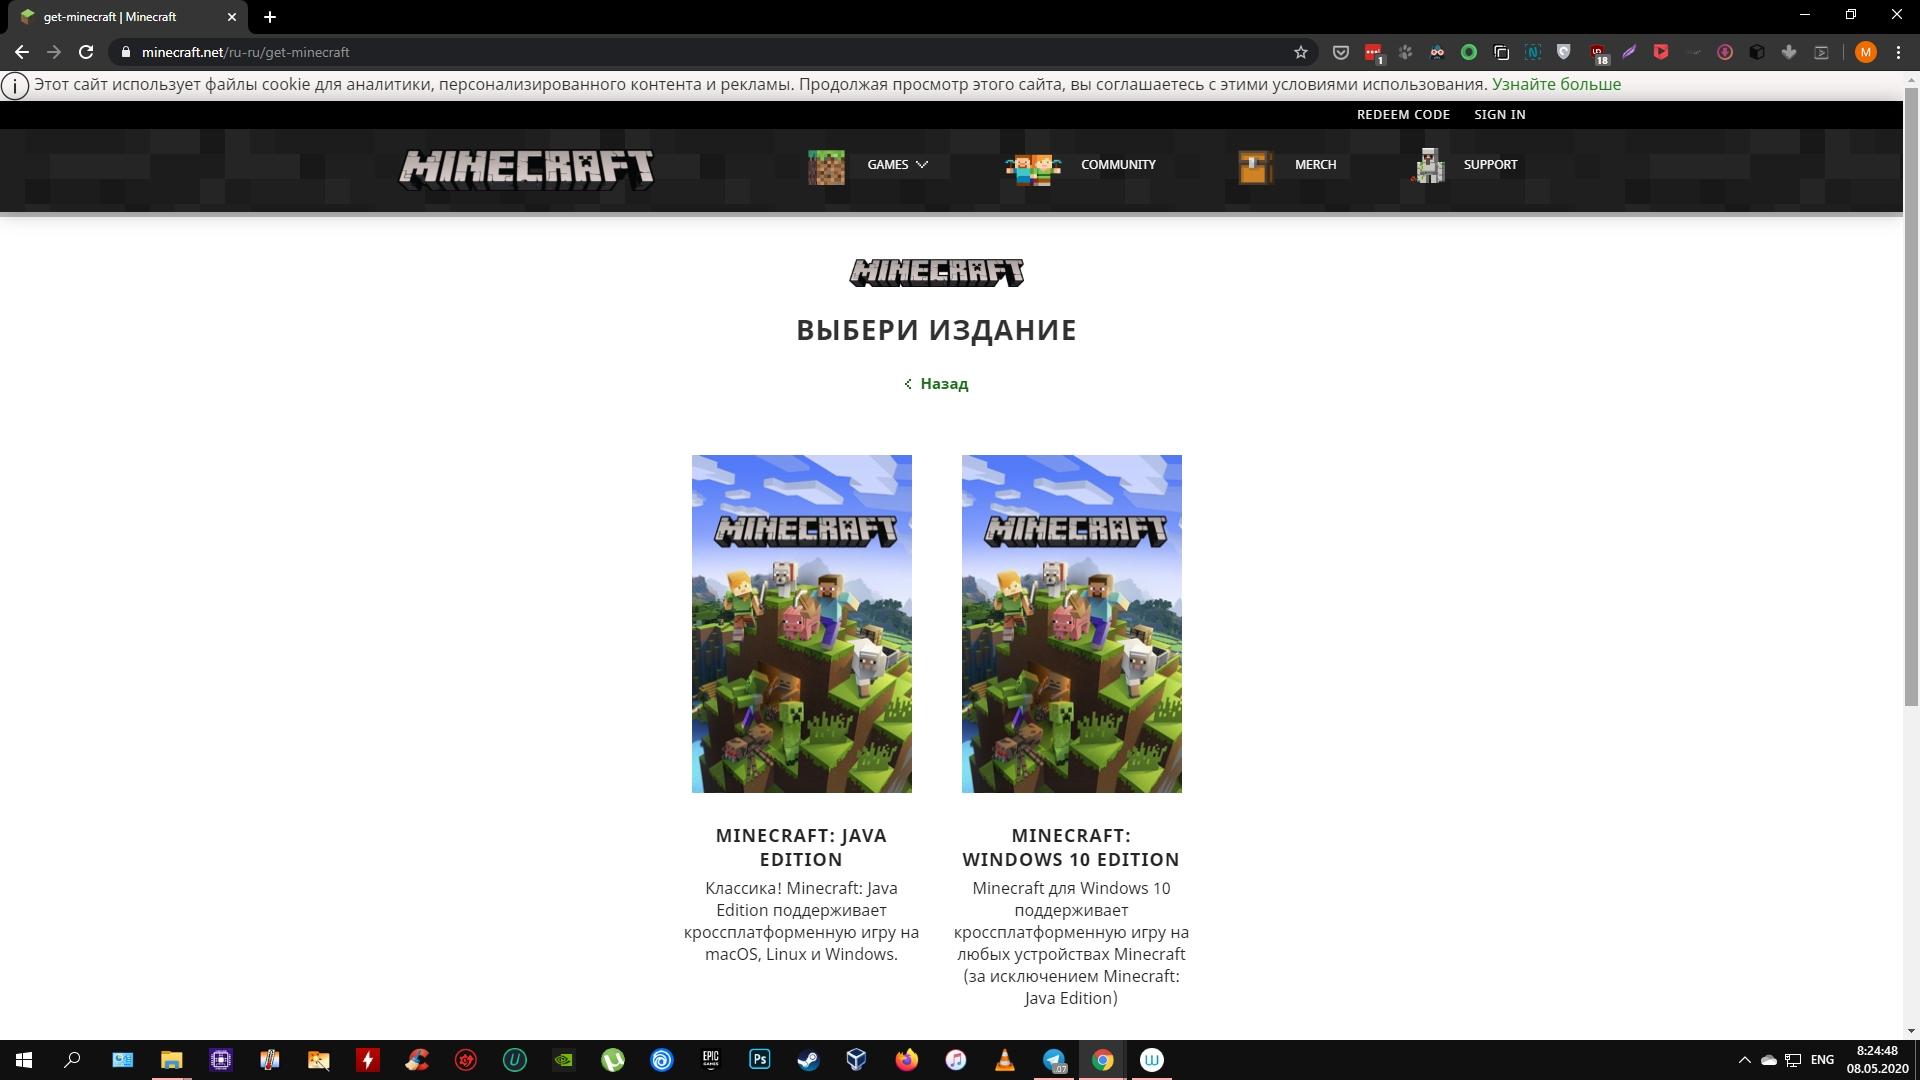 Snimok-ekrana-599_result_1588916477_1591621159.jpg